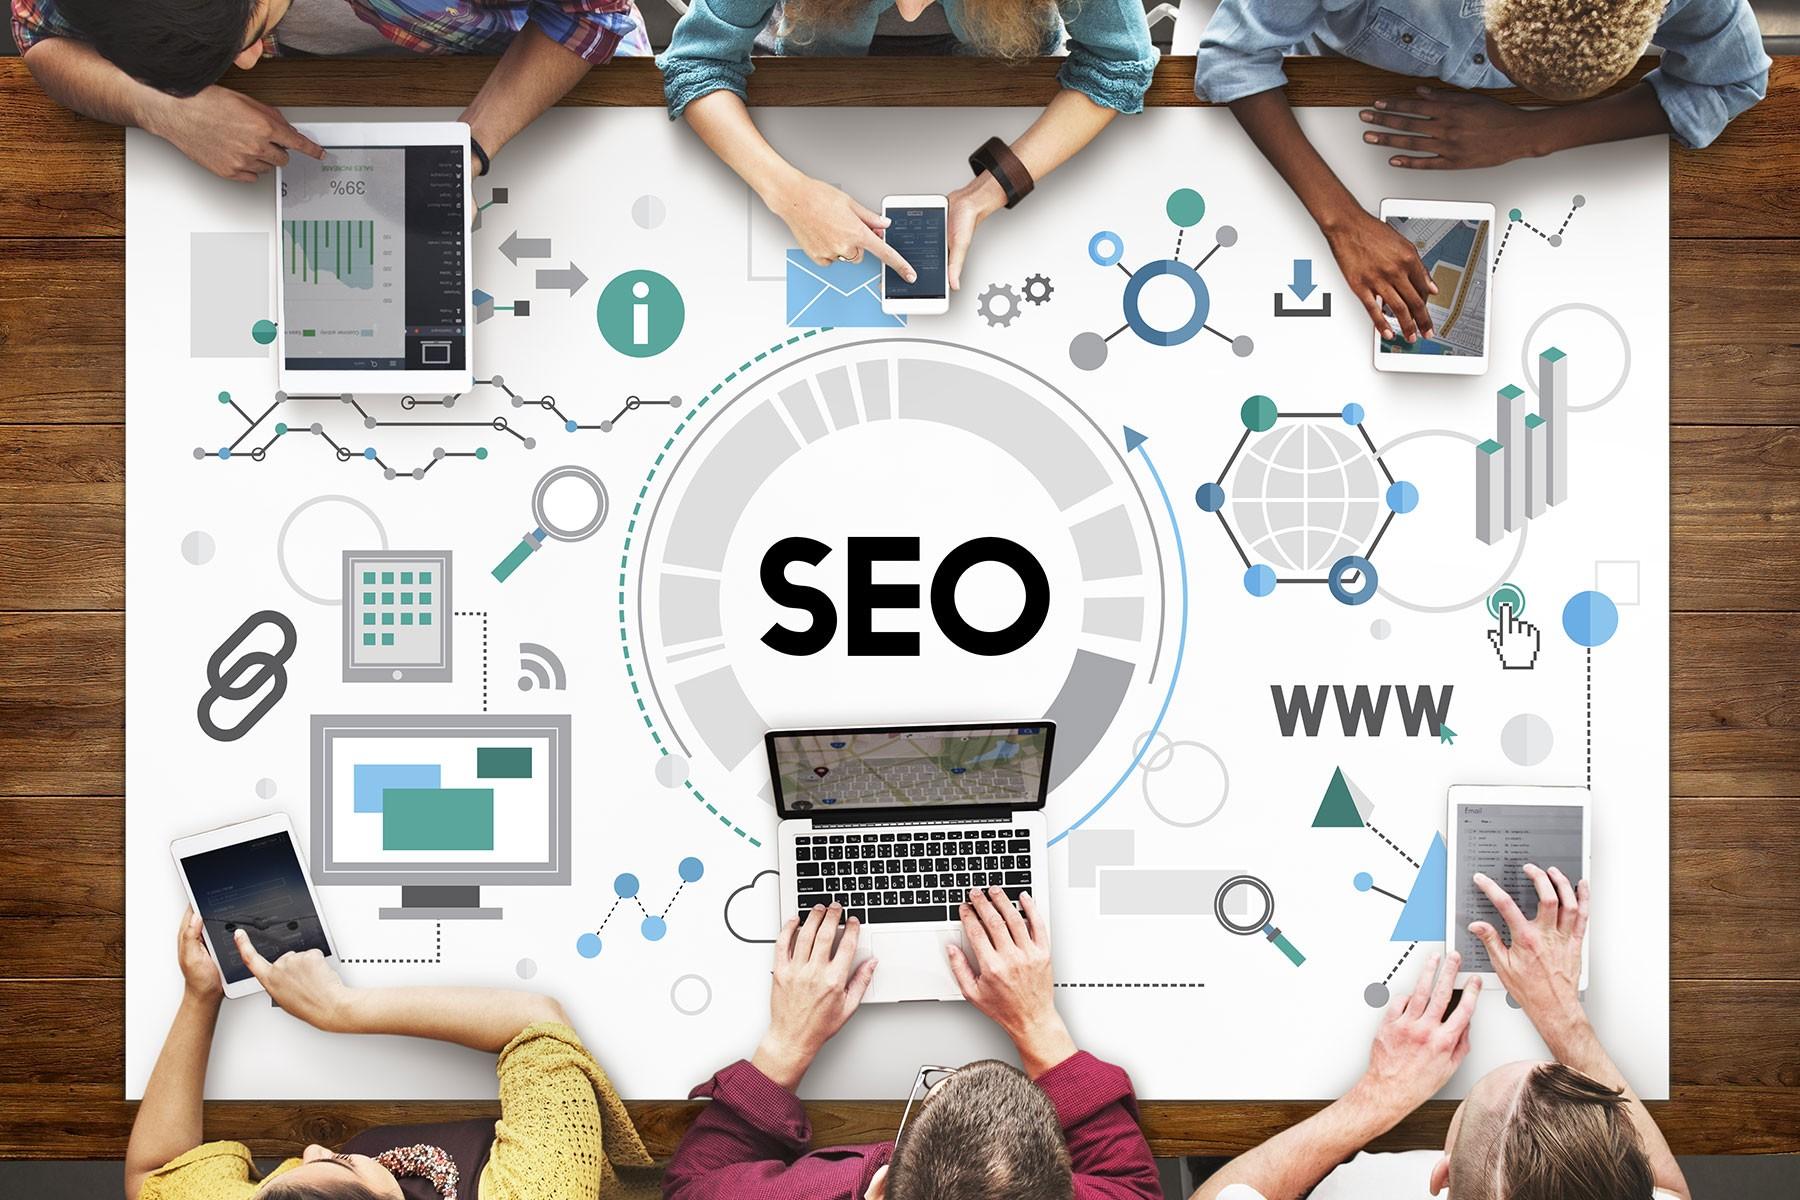 Seo оптимизация как фриланс требуется веб-программист на удаленную работу